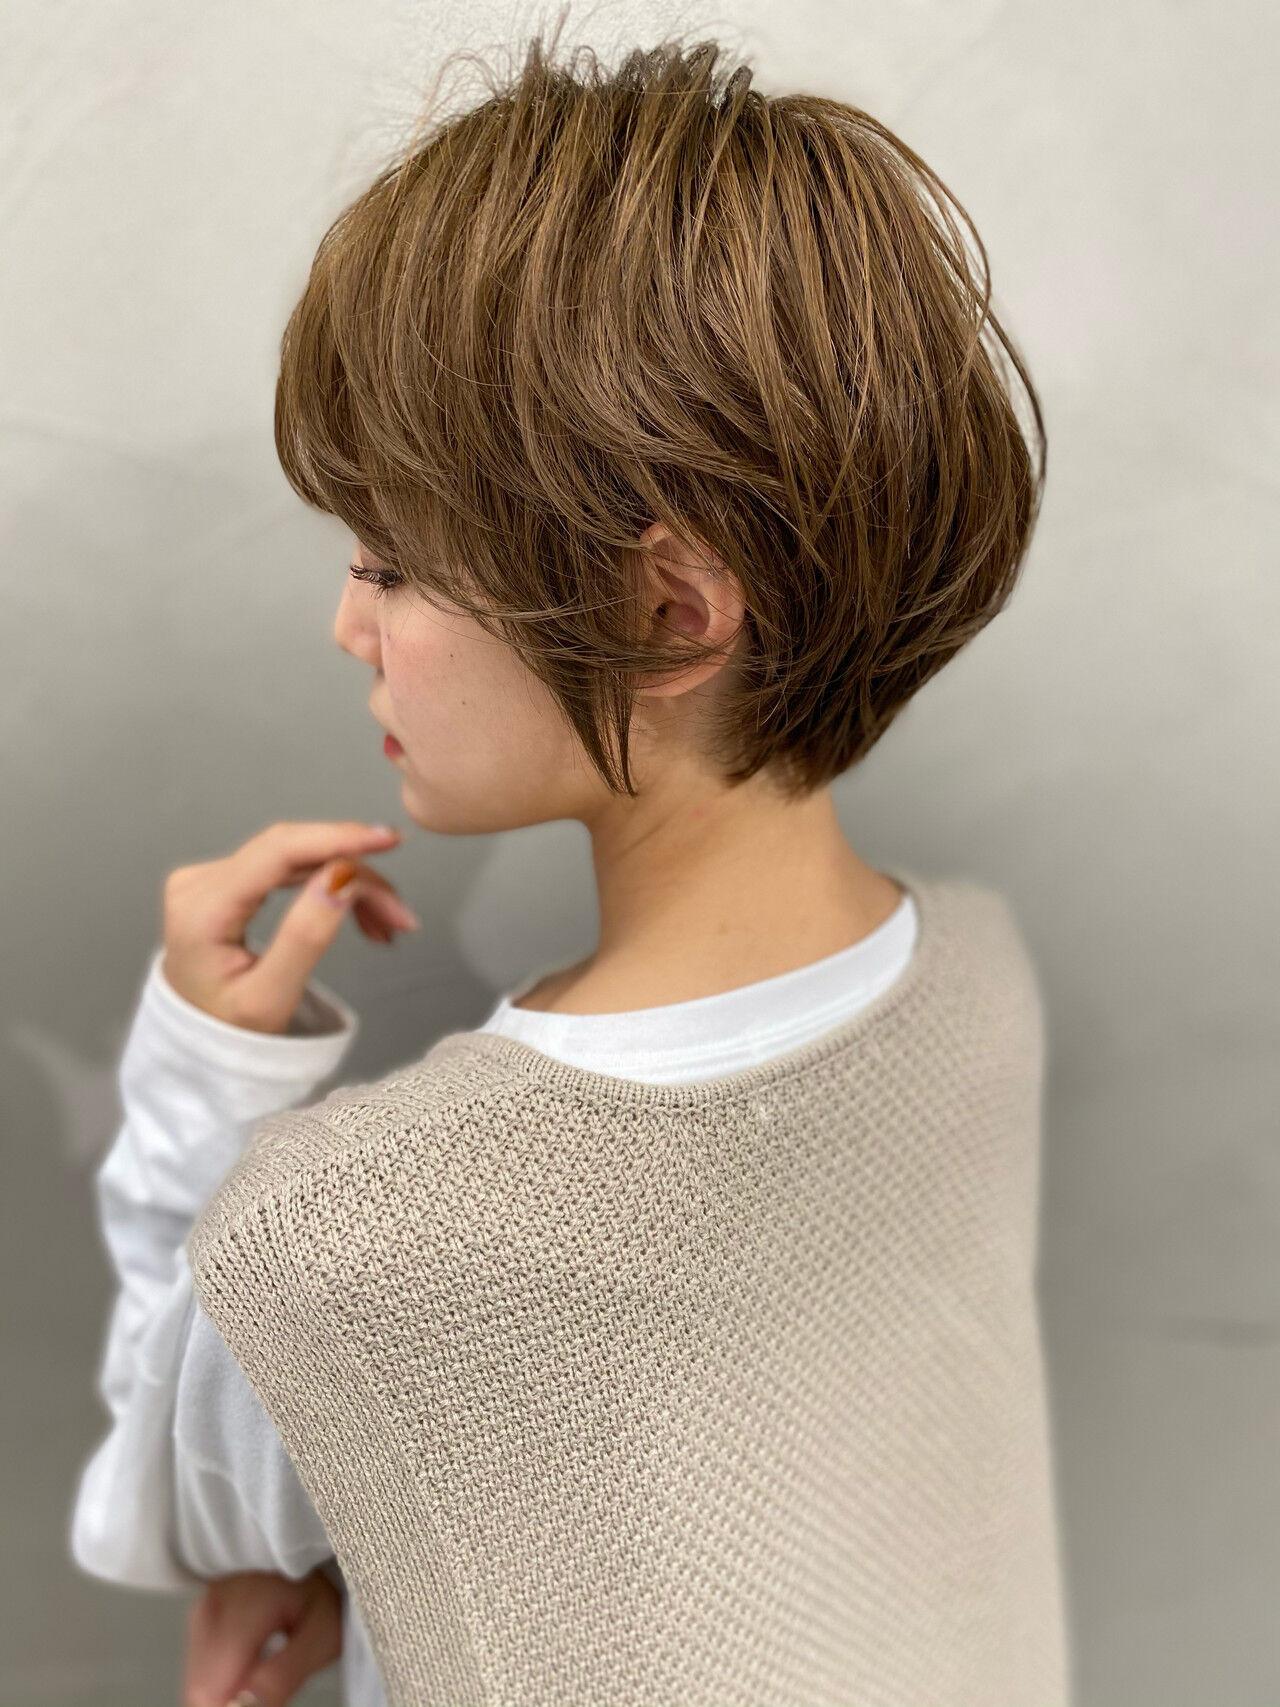 マッシュショートの魅力 オカモト ナツキ/ショートヘア  Neolive susu